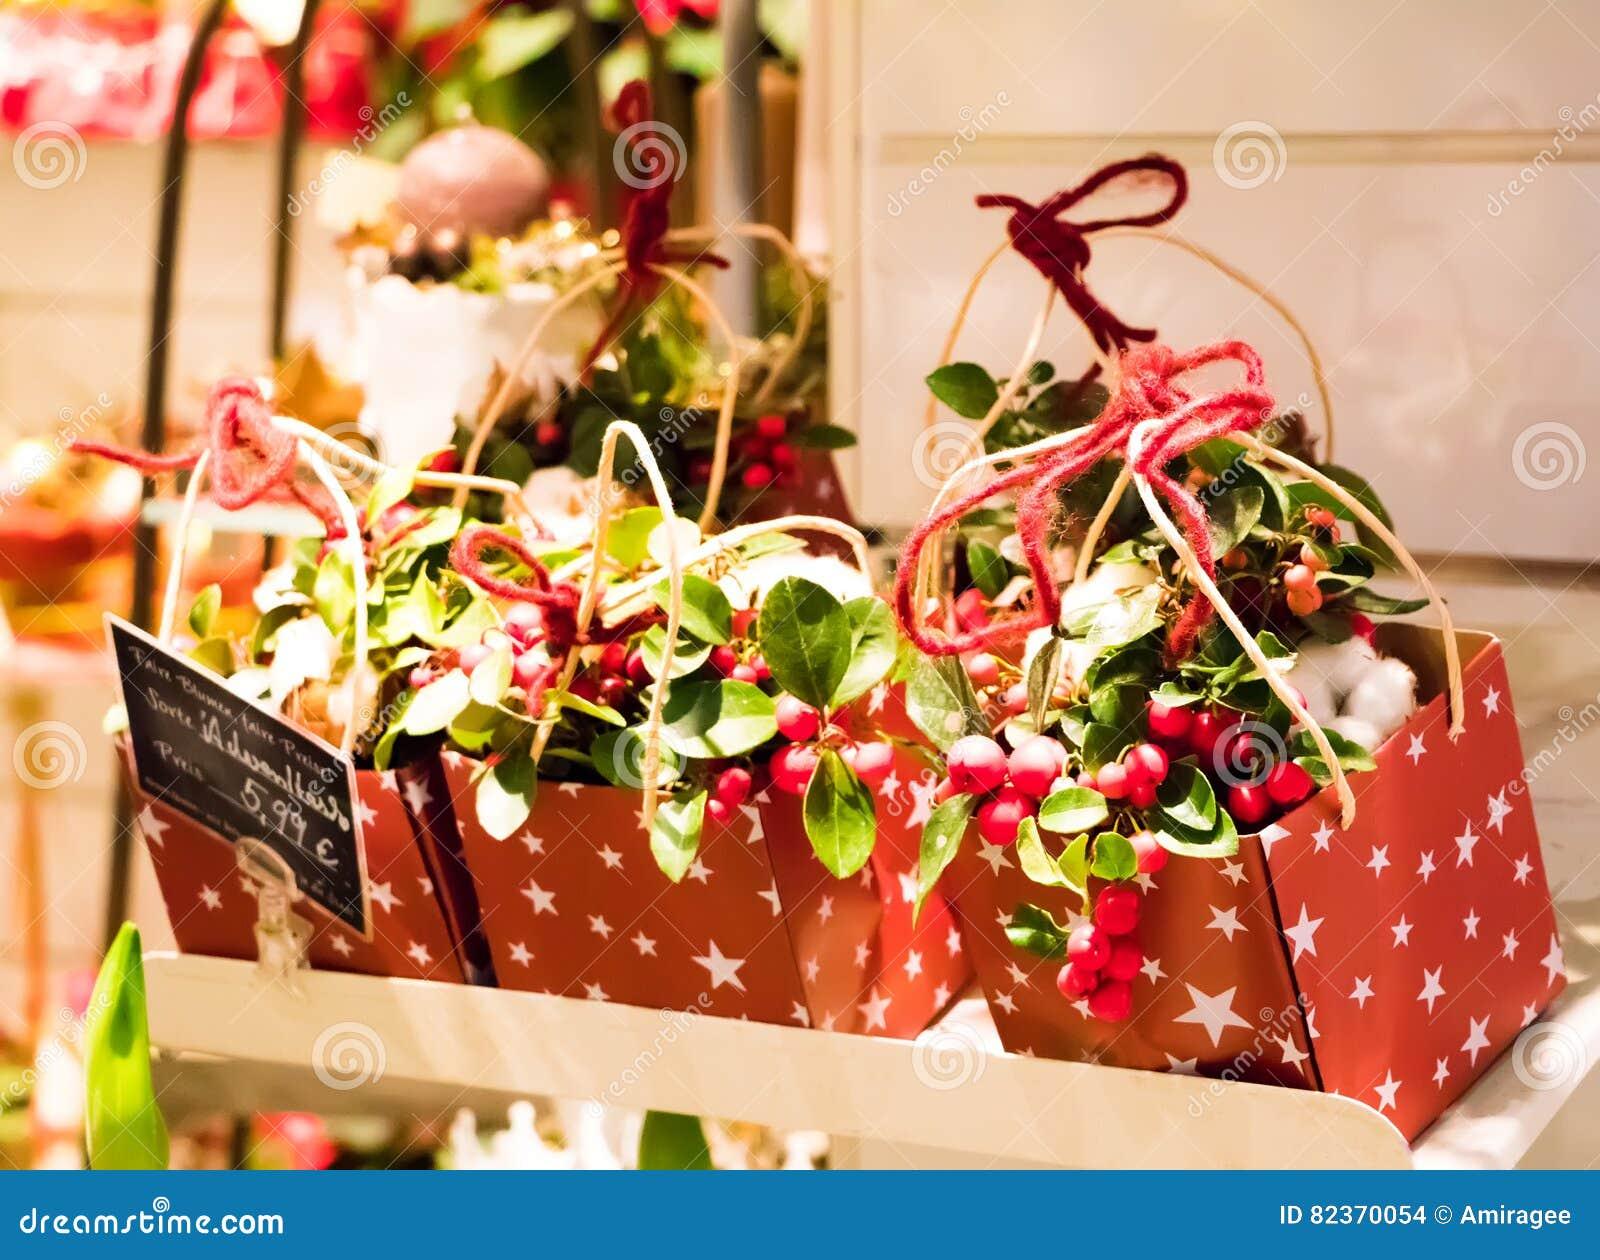 Gulliga julklappar i en blomsterhandlare shoppar Askar med garnering, framlägger och blommor som säljs för jul